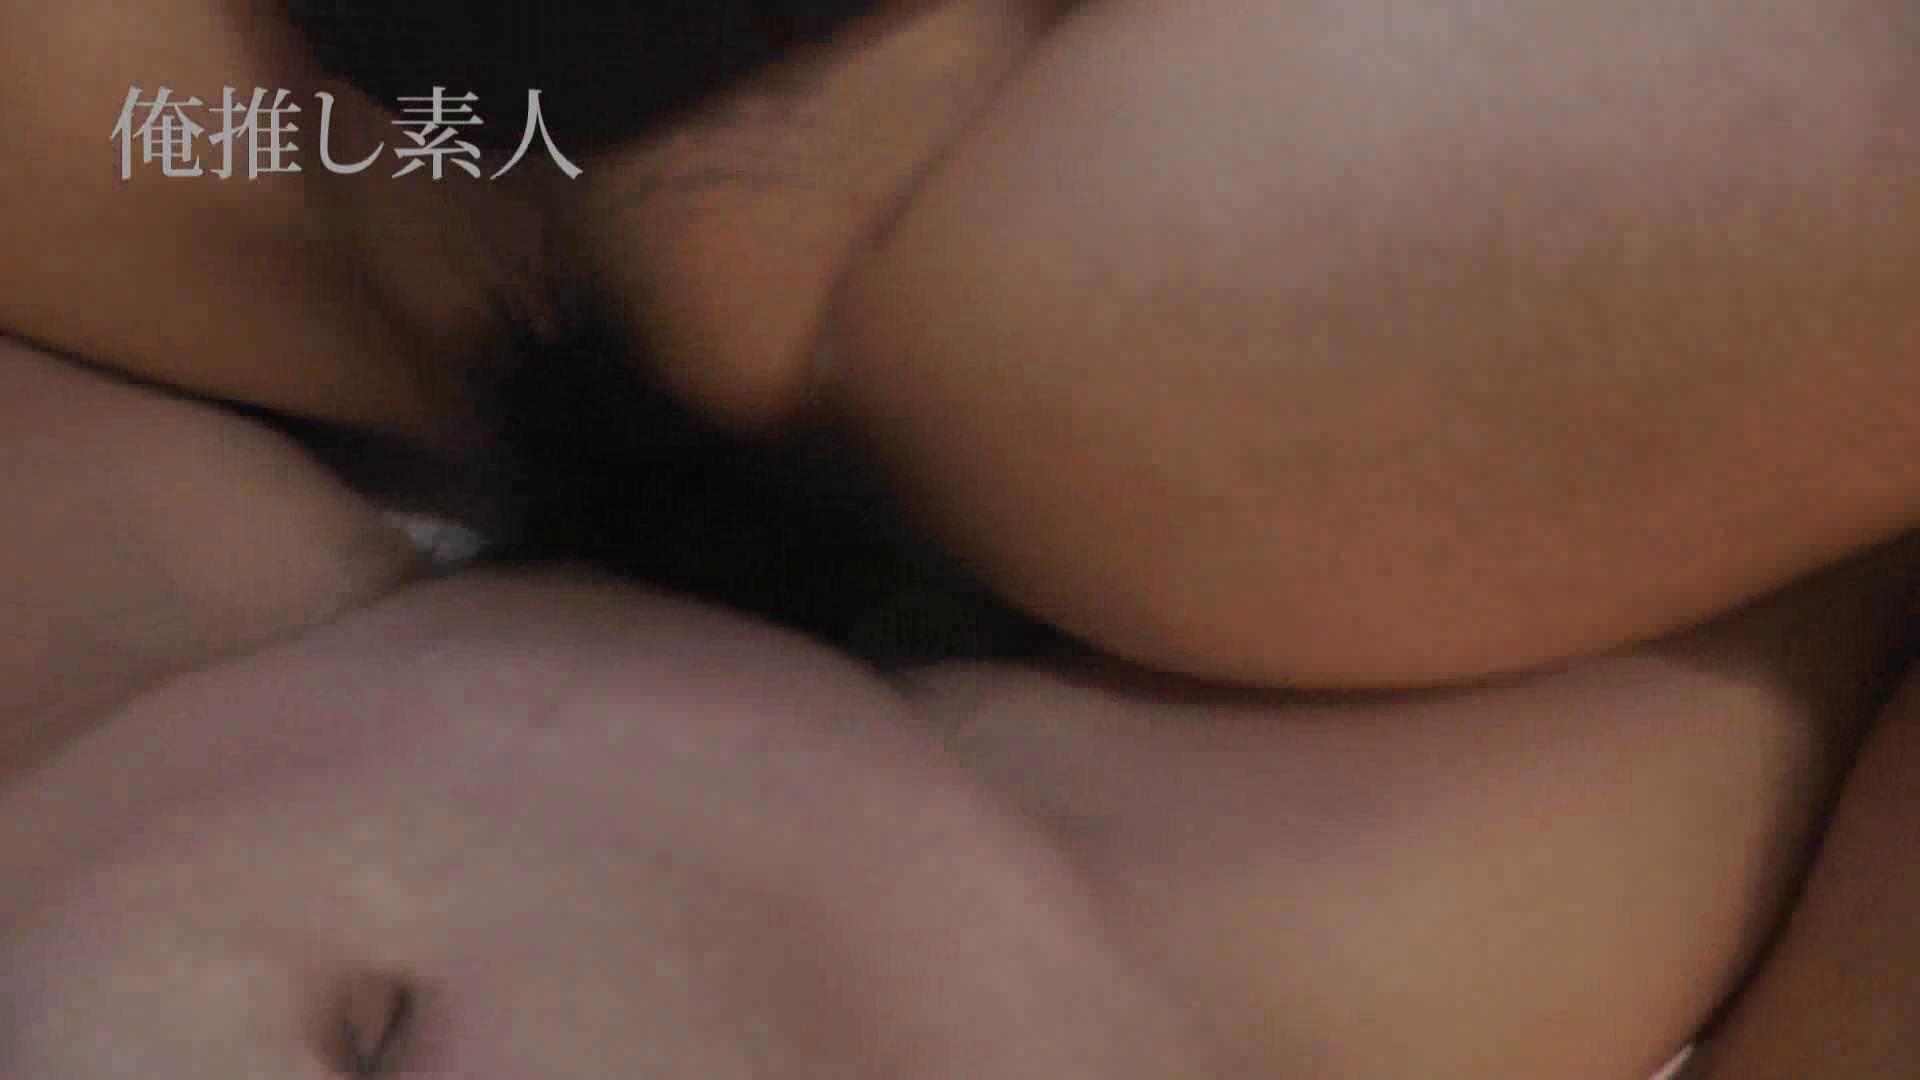 俺推し素人 EカップシングルマザーOL30歳瑤子vol4 Hな人妻 | 素人  98pic 92